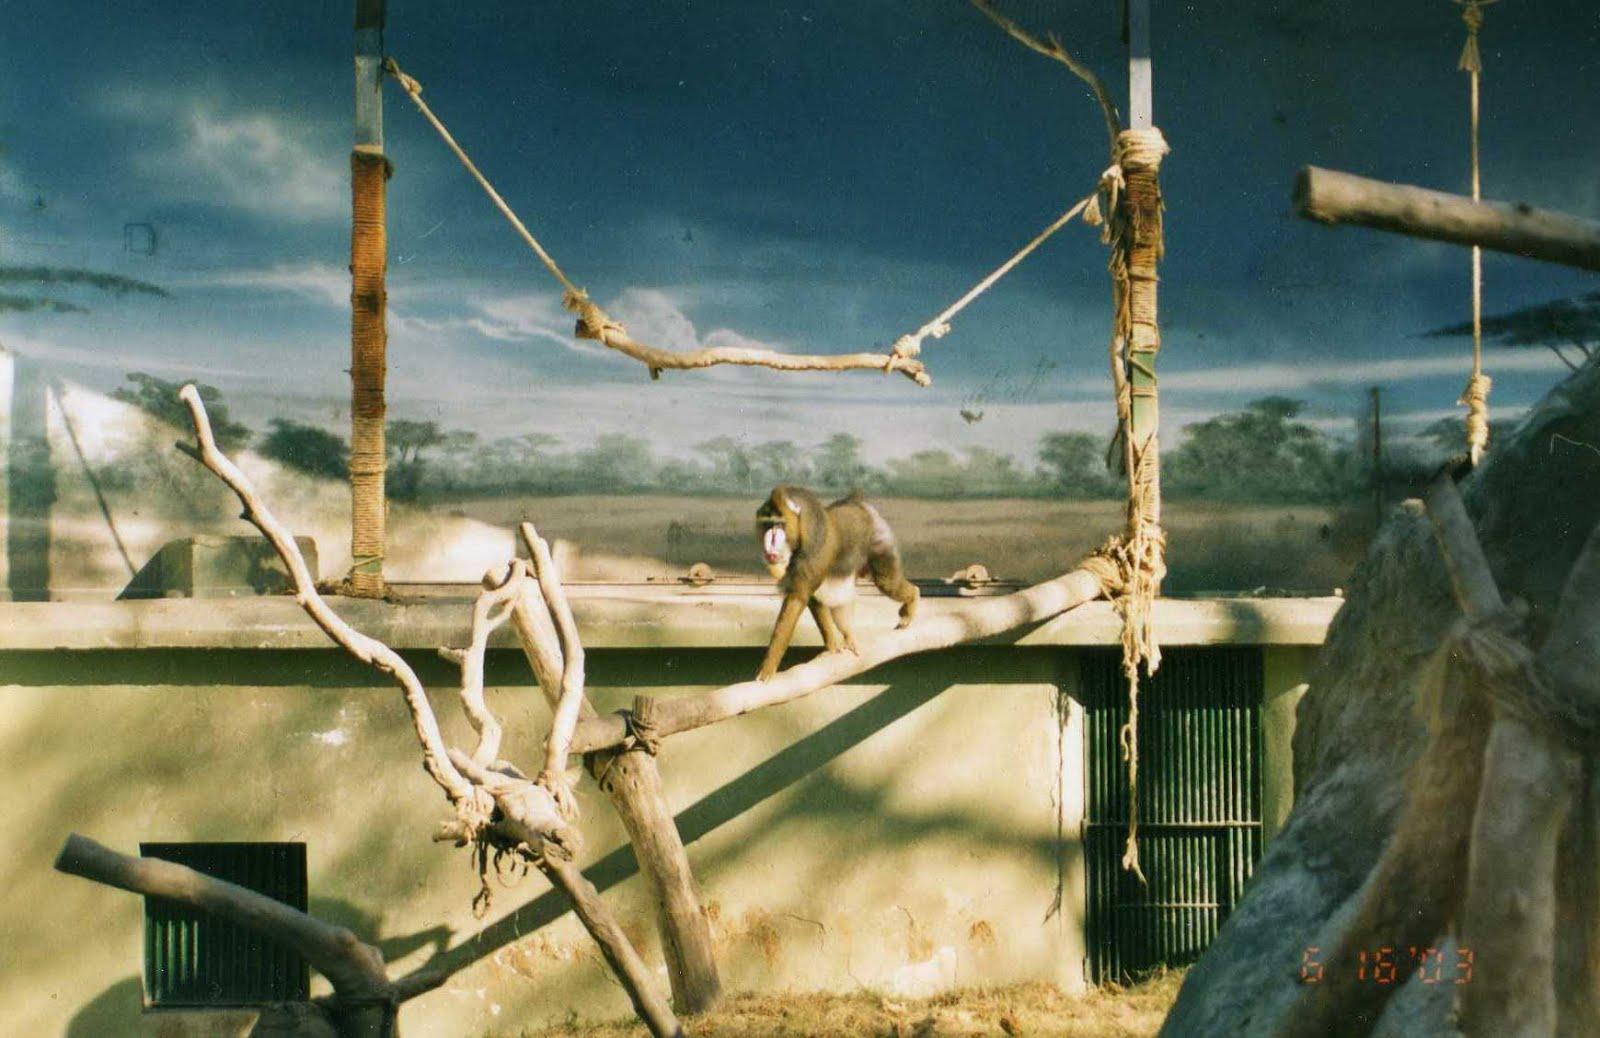 Se permiten Monos